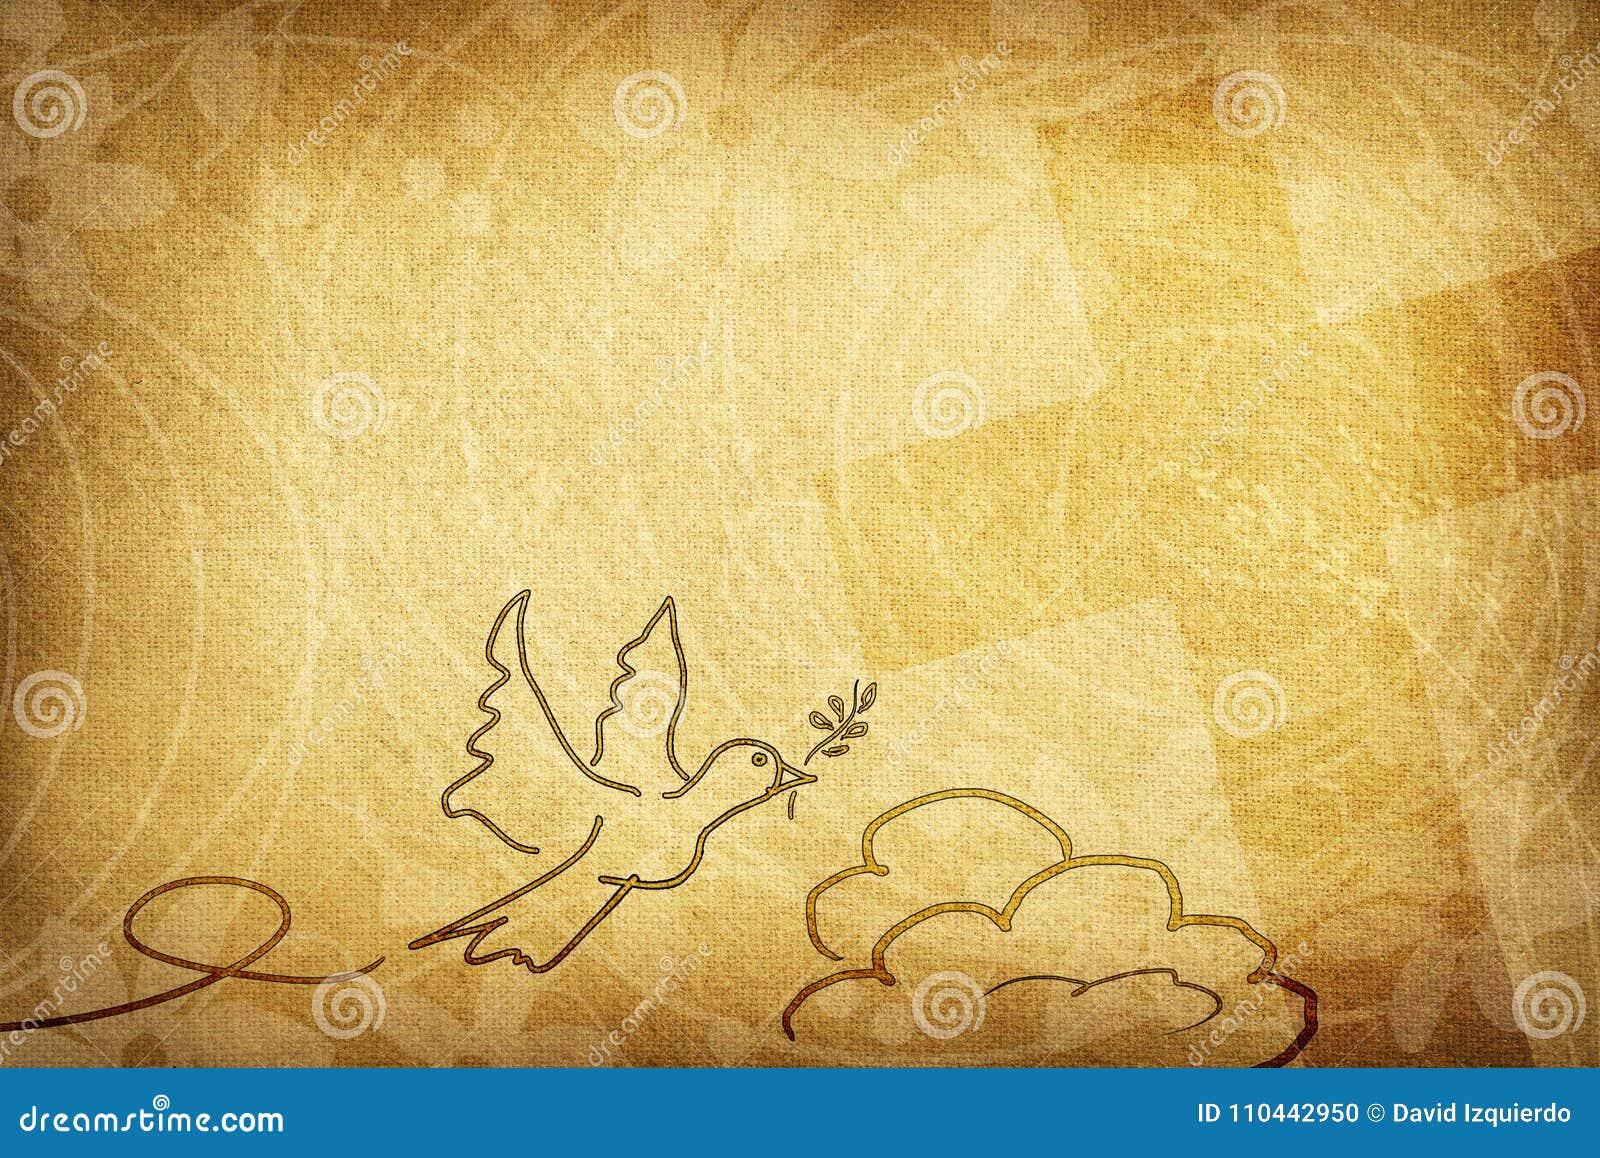 Det religiösa kortet med duvan med oliv fattar blommor och korset